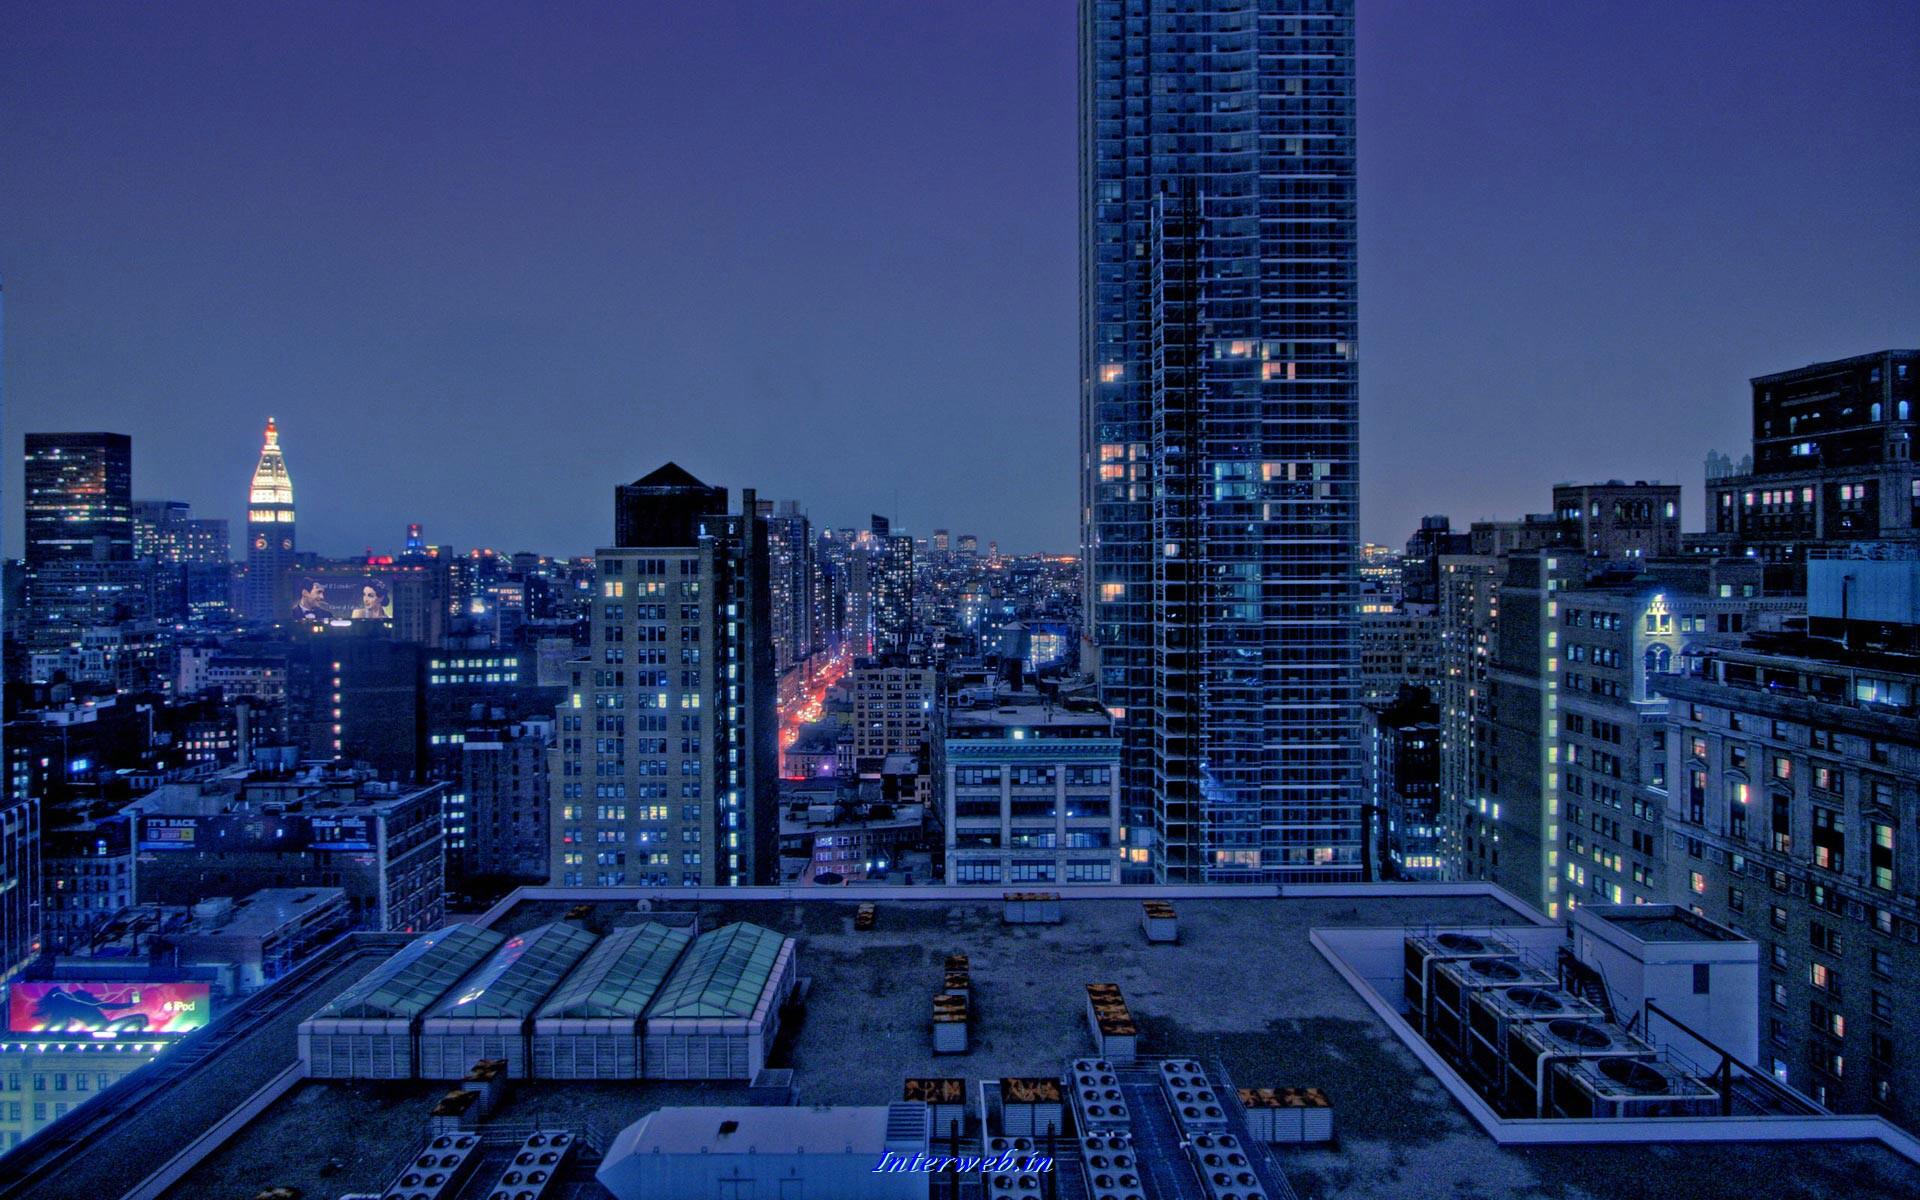 Rooftops Wallpaper Hd Wallpapers